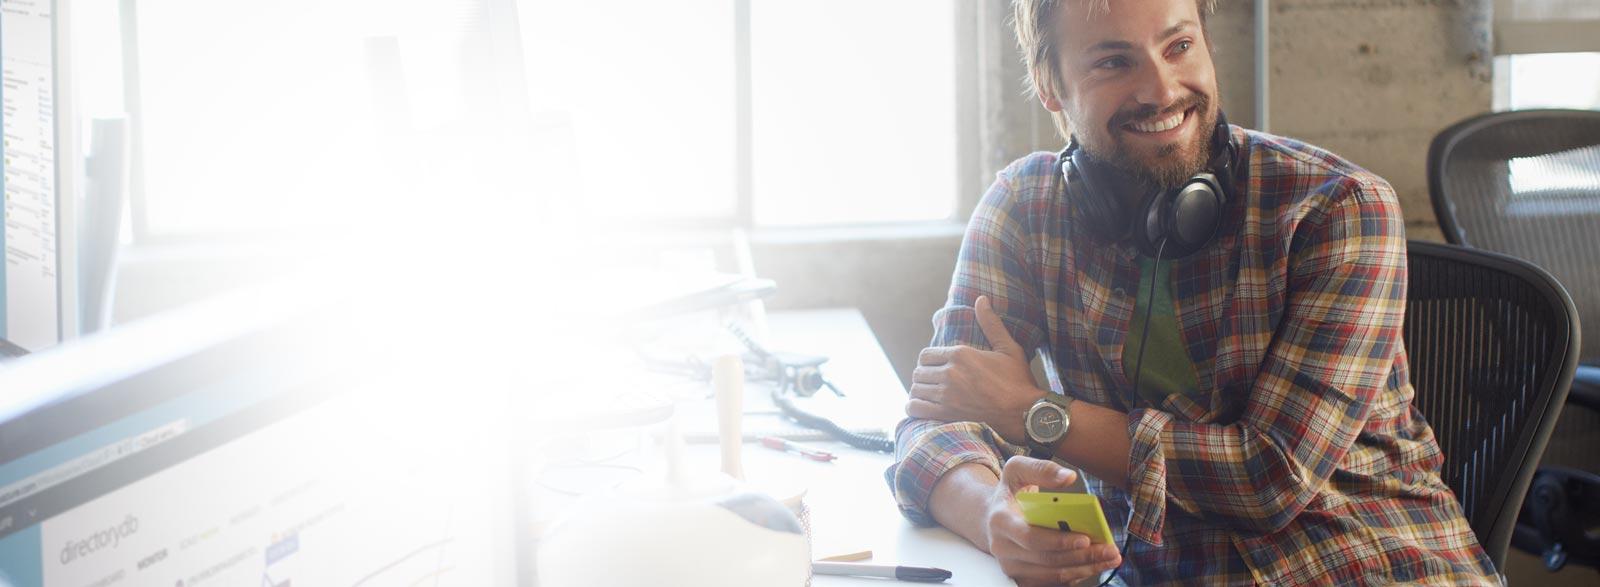 รับบริการด้านประสิทธิภาพและการทำงานร่วมกันด้วย Office 365 Enterprise E1